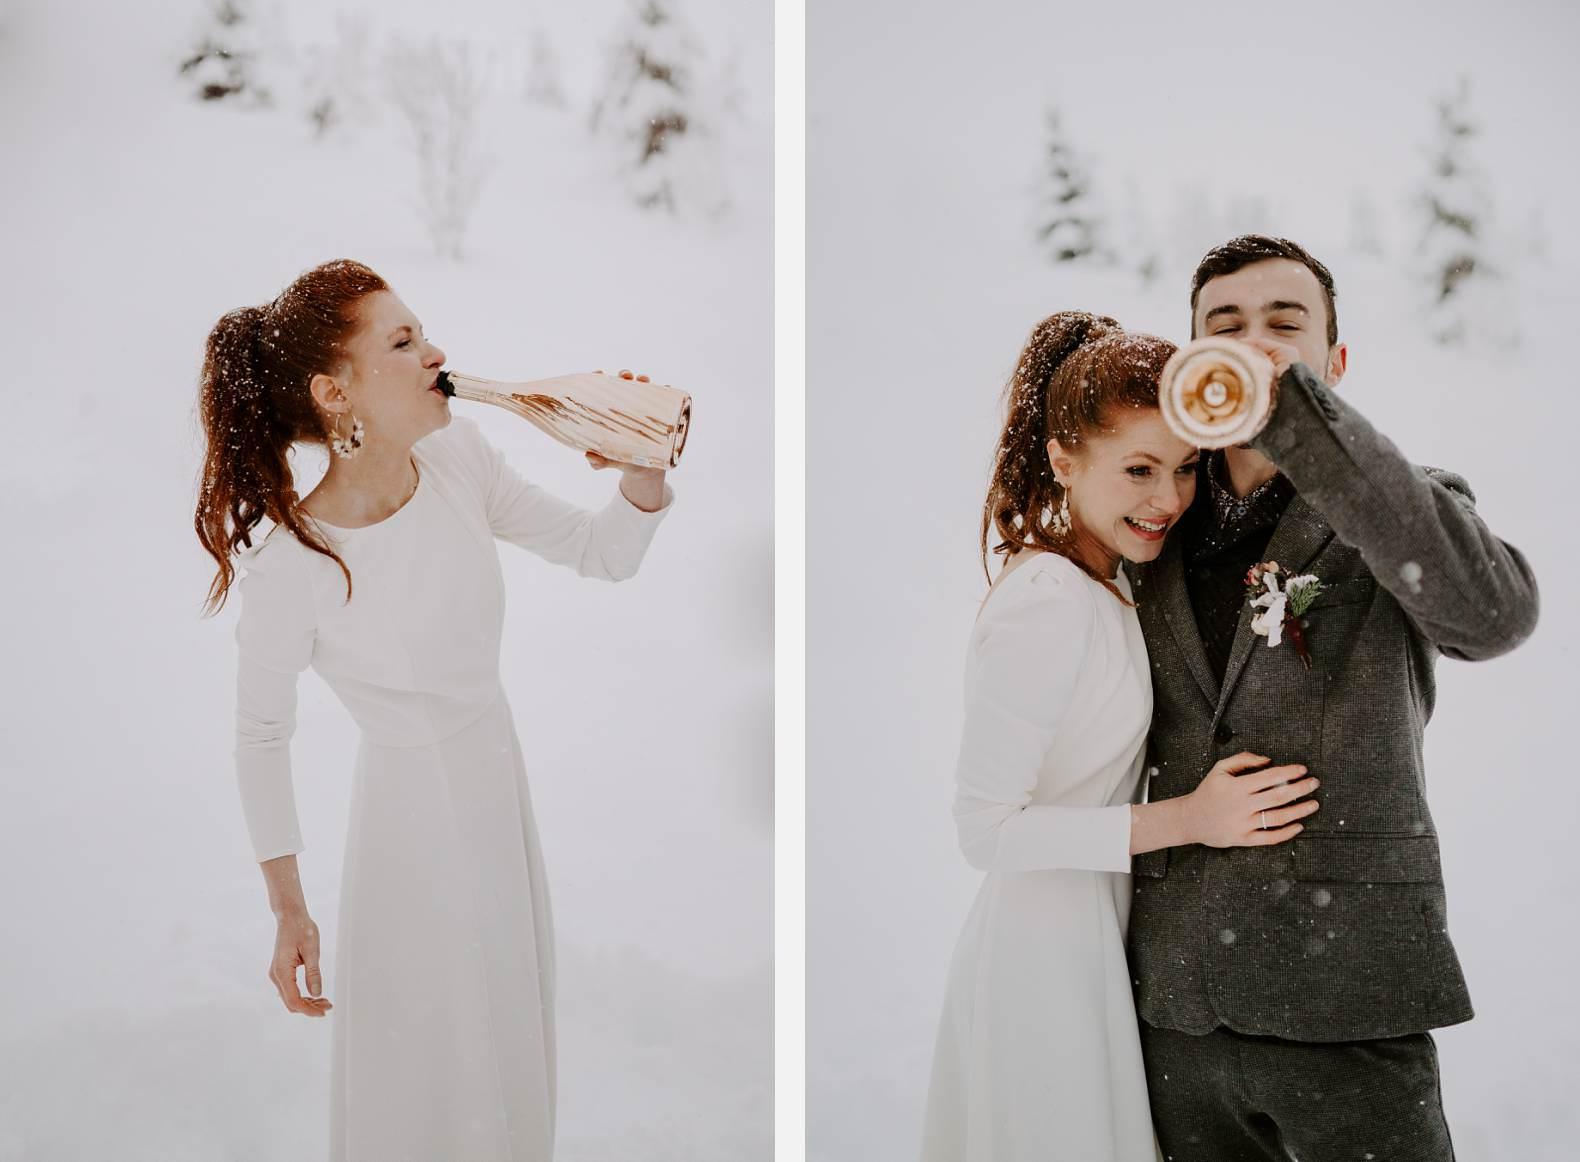 mariage hiver alpes huez isere hotel grandes rousses photographe bel esprit 0034